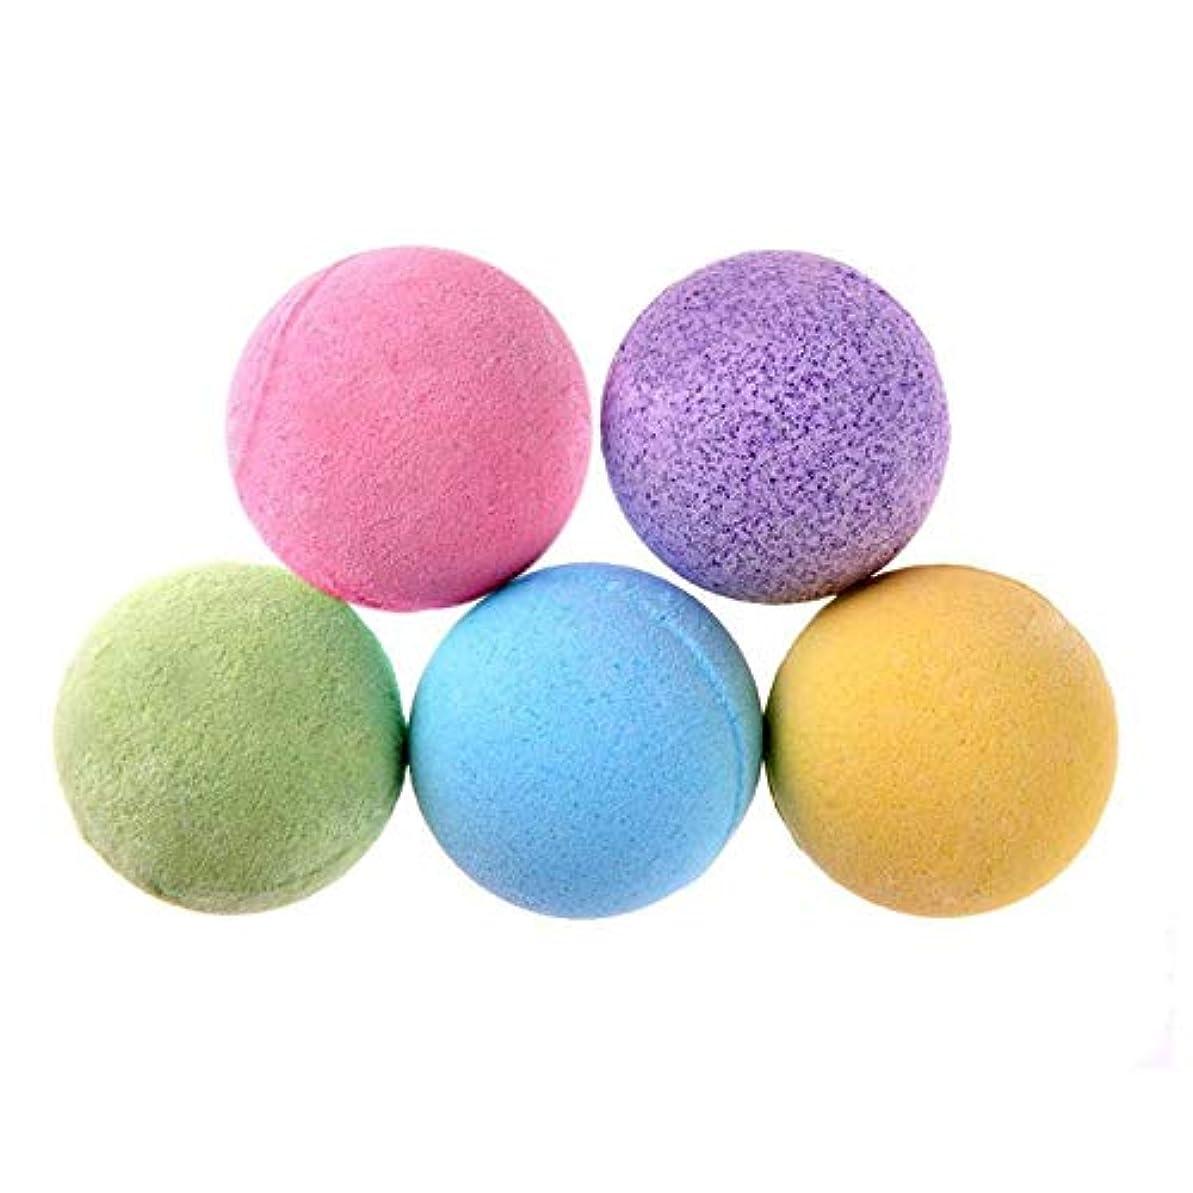 民主主義どこにも滑るHot 10pc 10g Organic Bath Salt Body Essential Oil Bath Ball Natural Bubble Bath Bombs Ball Rose/Green tea/Lavender...